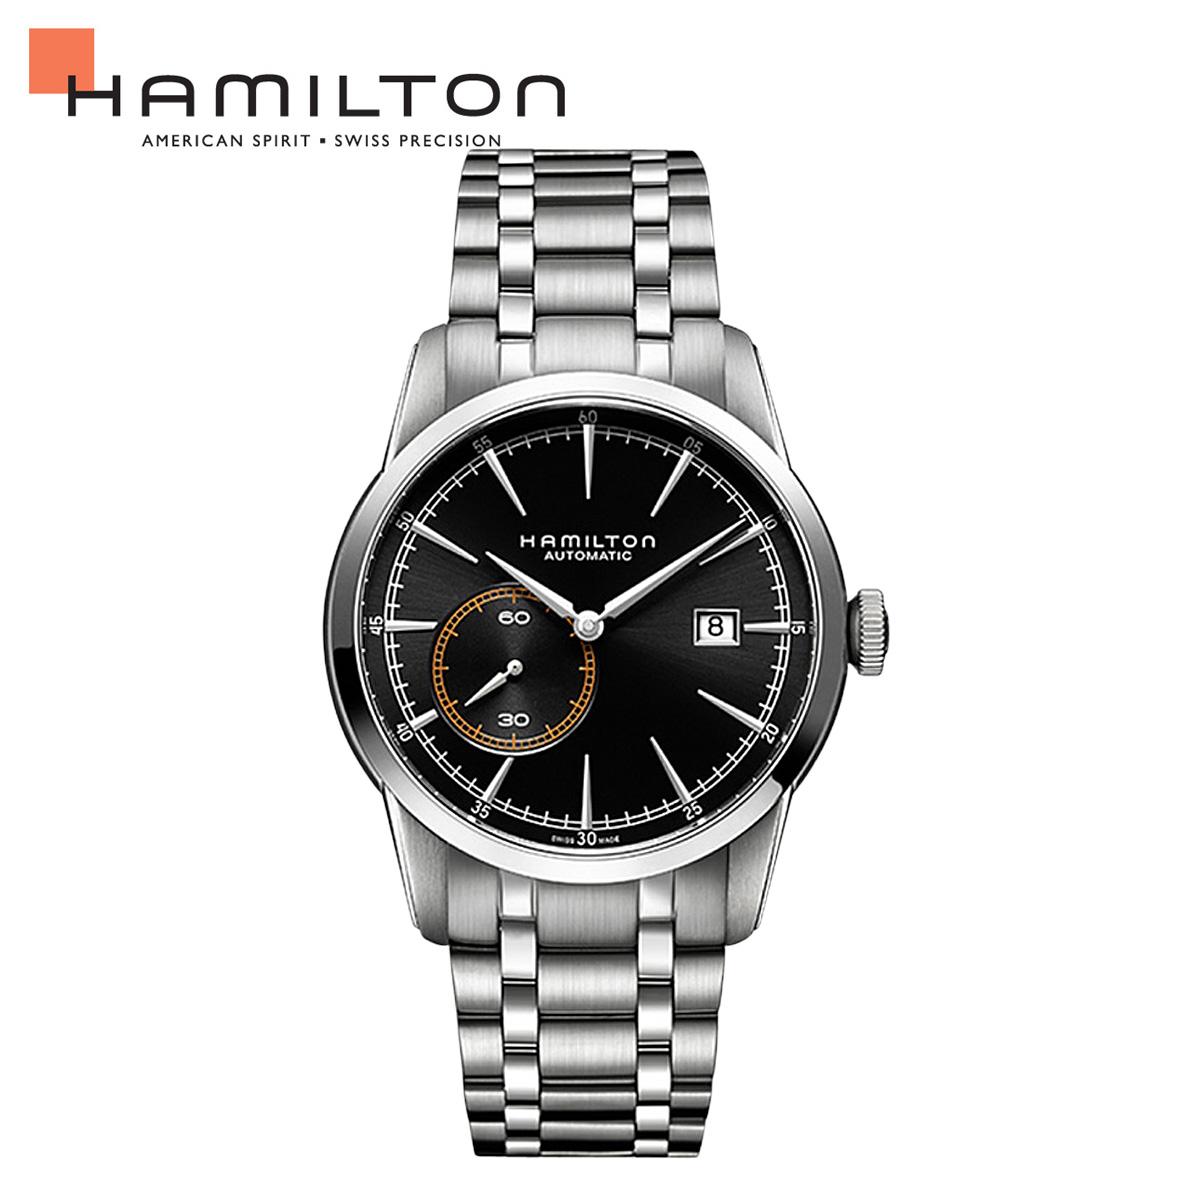 ハミルトン HAMILTON 腕時計 アメリカン クラシック メンズ 時計 42mm AMERICAN CLASSIC RAILROAD SMALL SECOND AUTO H40515131 シルバー 防水 [ あす楽対象外 ]